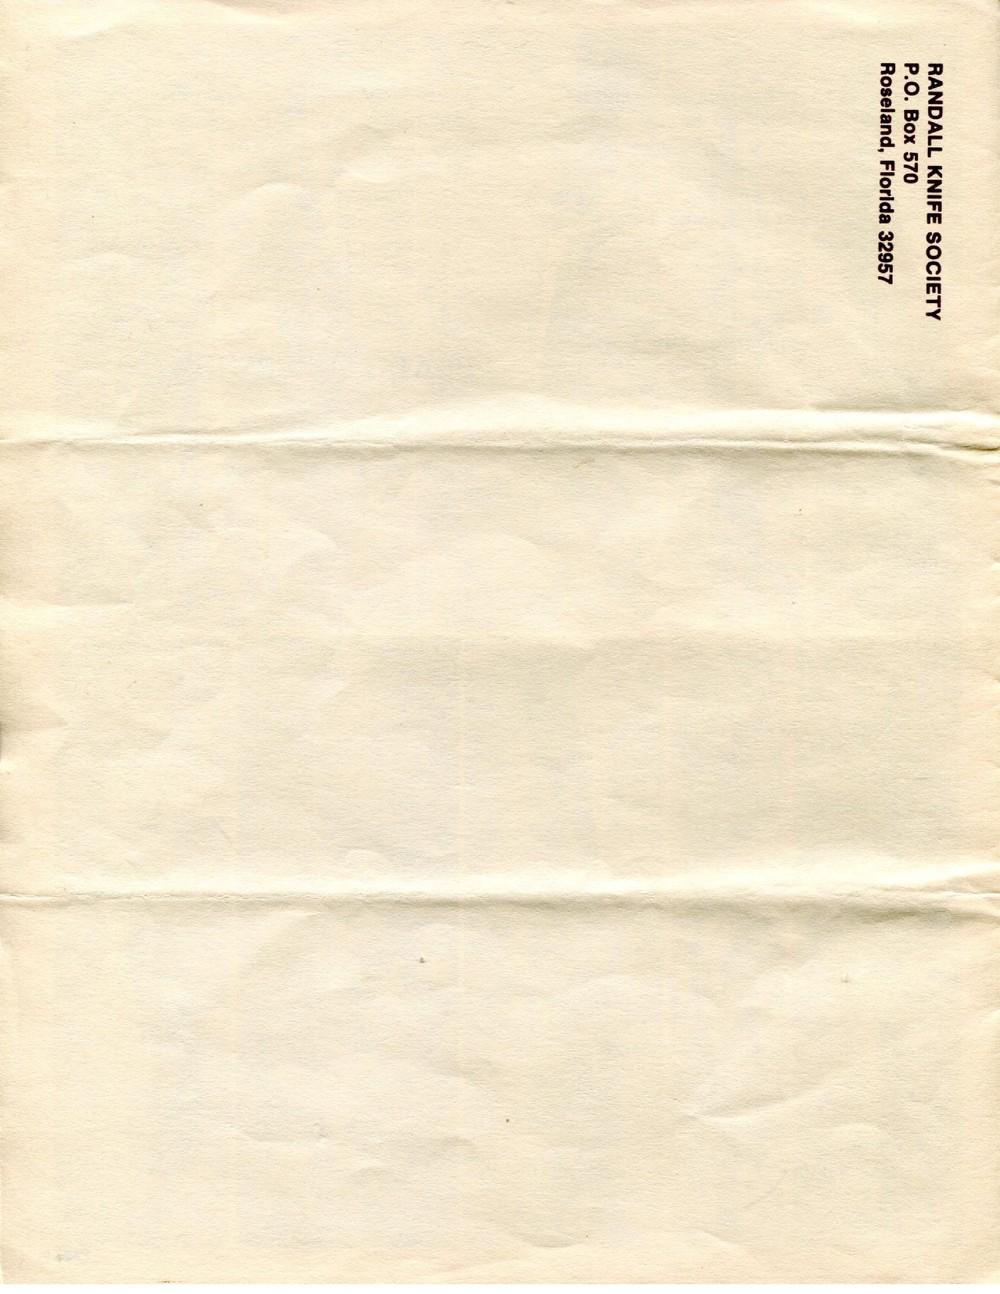 rks01-008.jpg